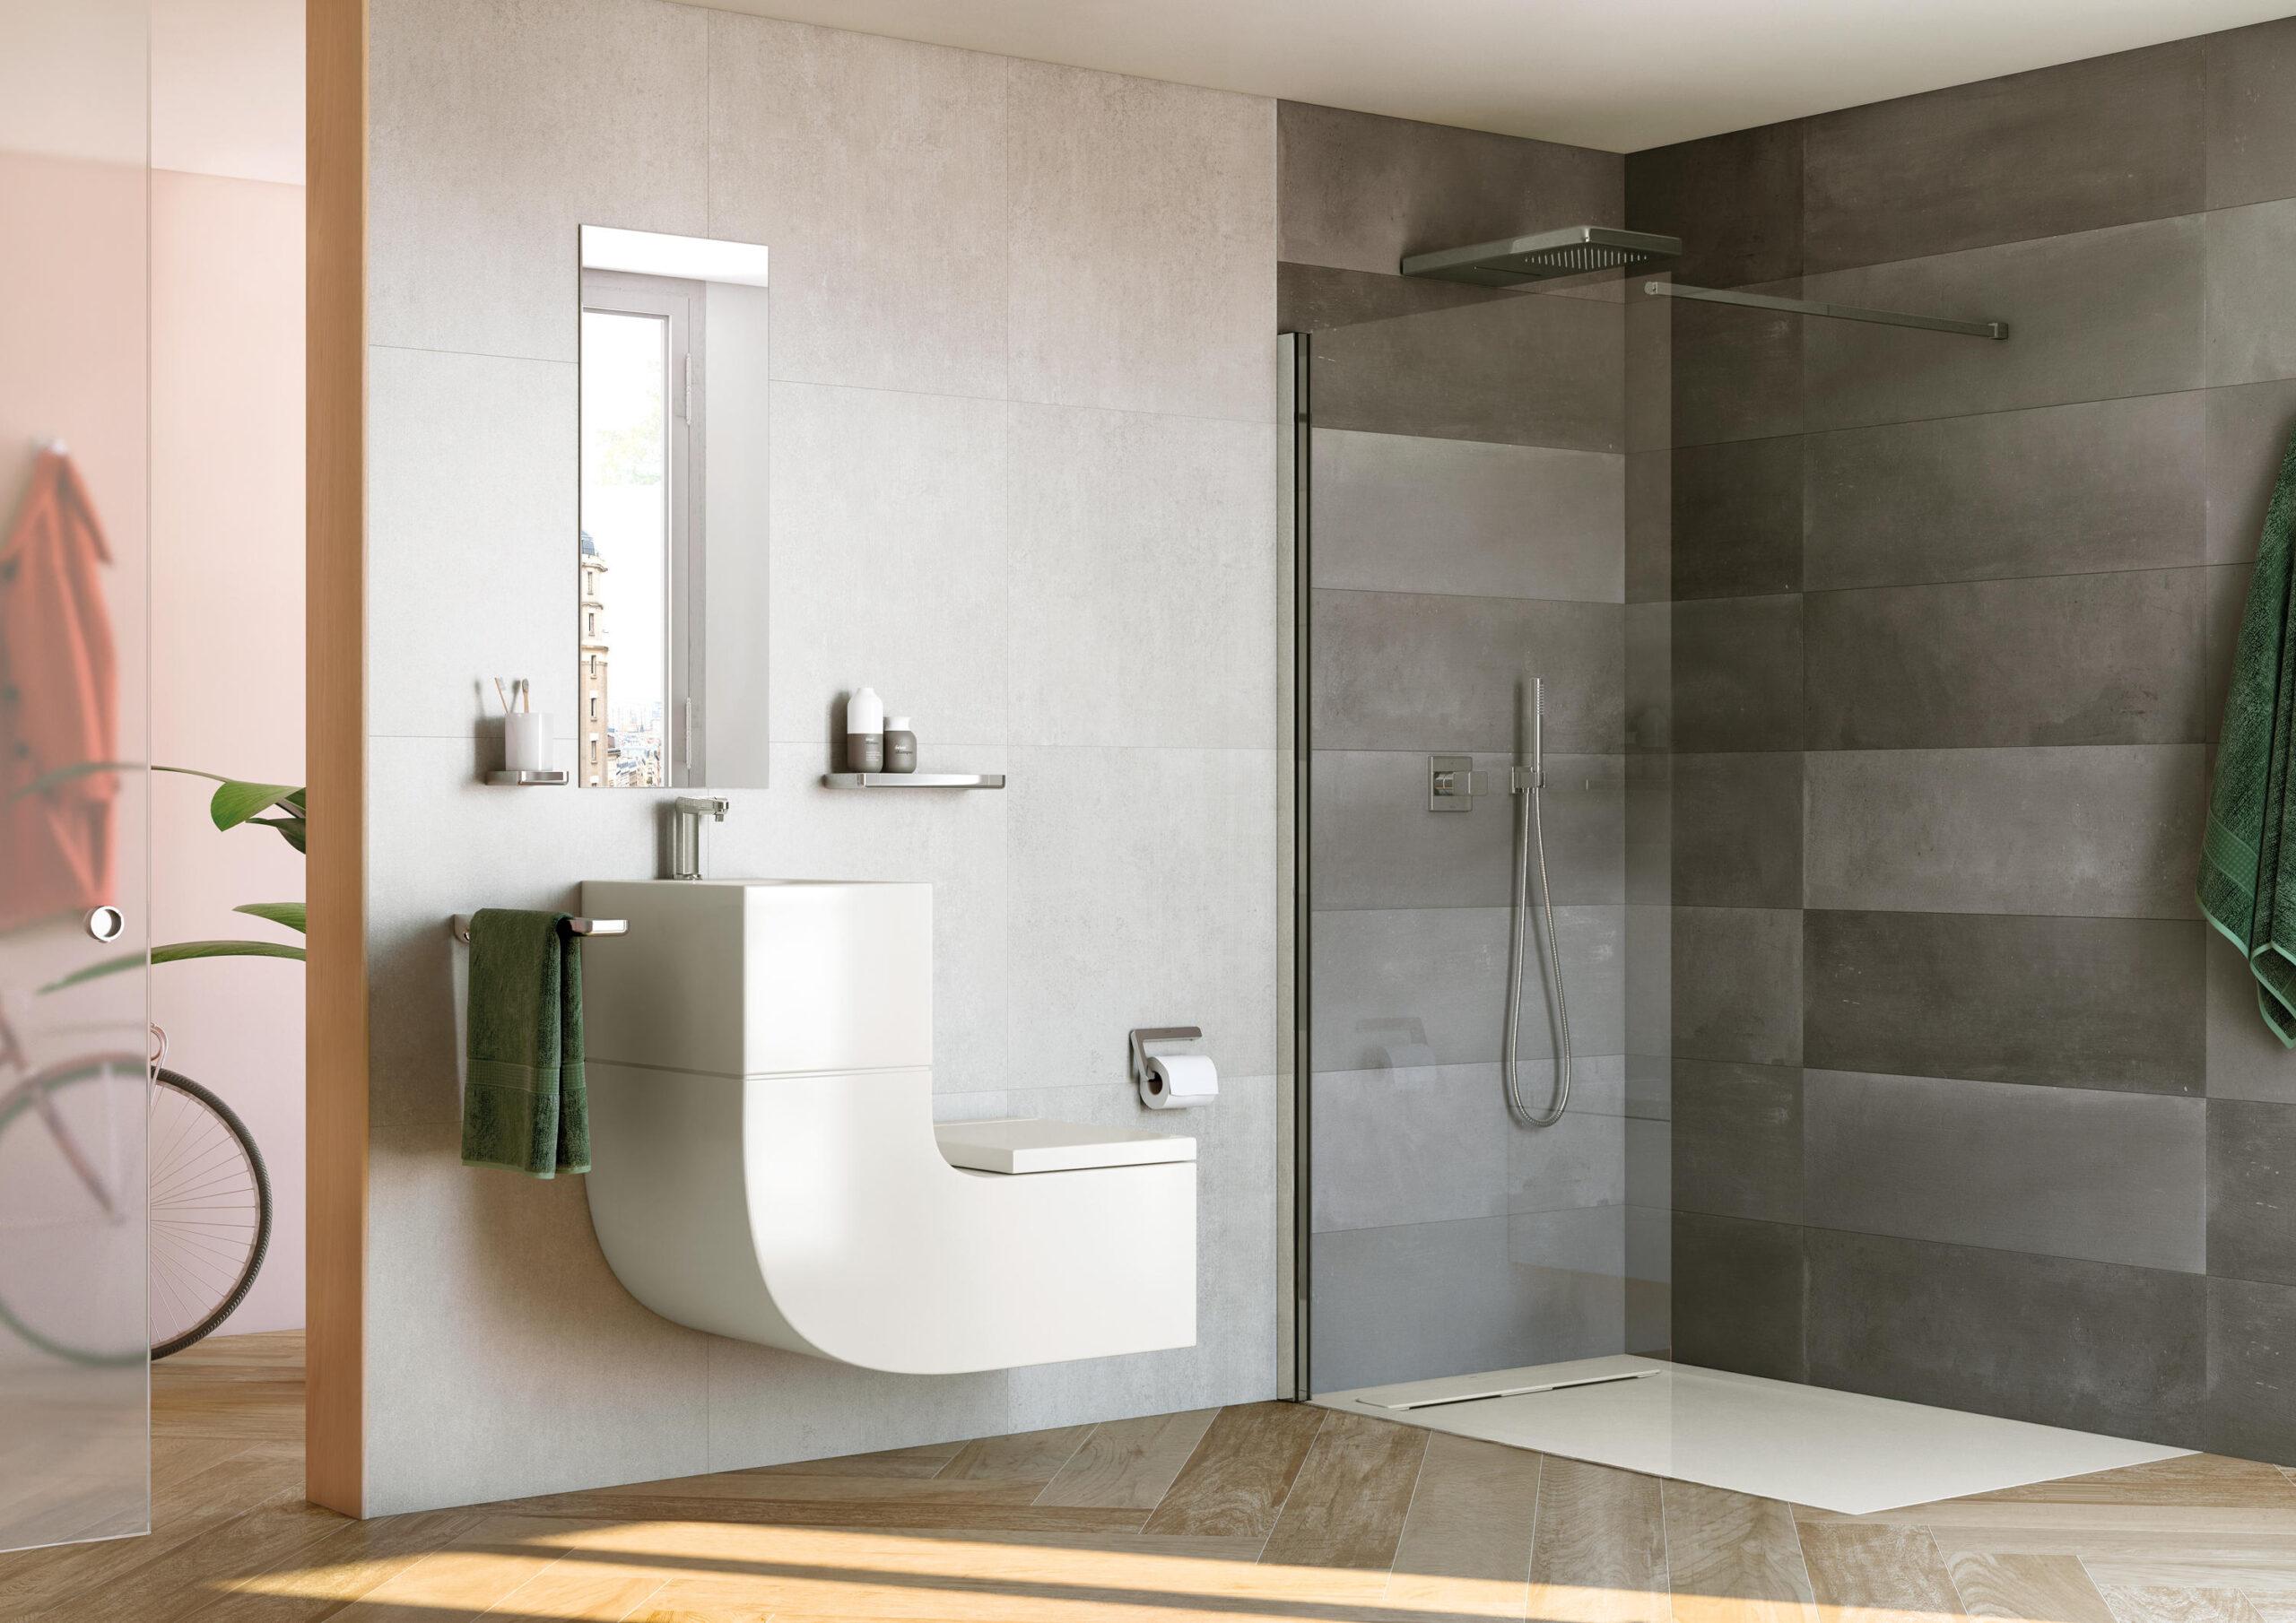 Elemento d'arredo o lavabo con wc incorporato?